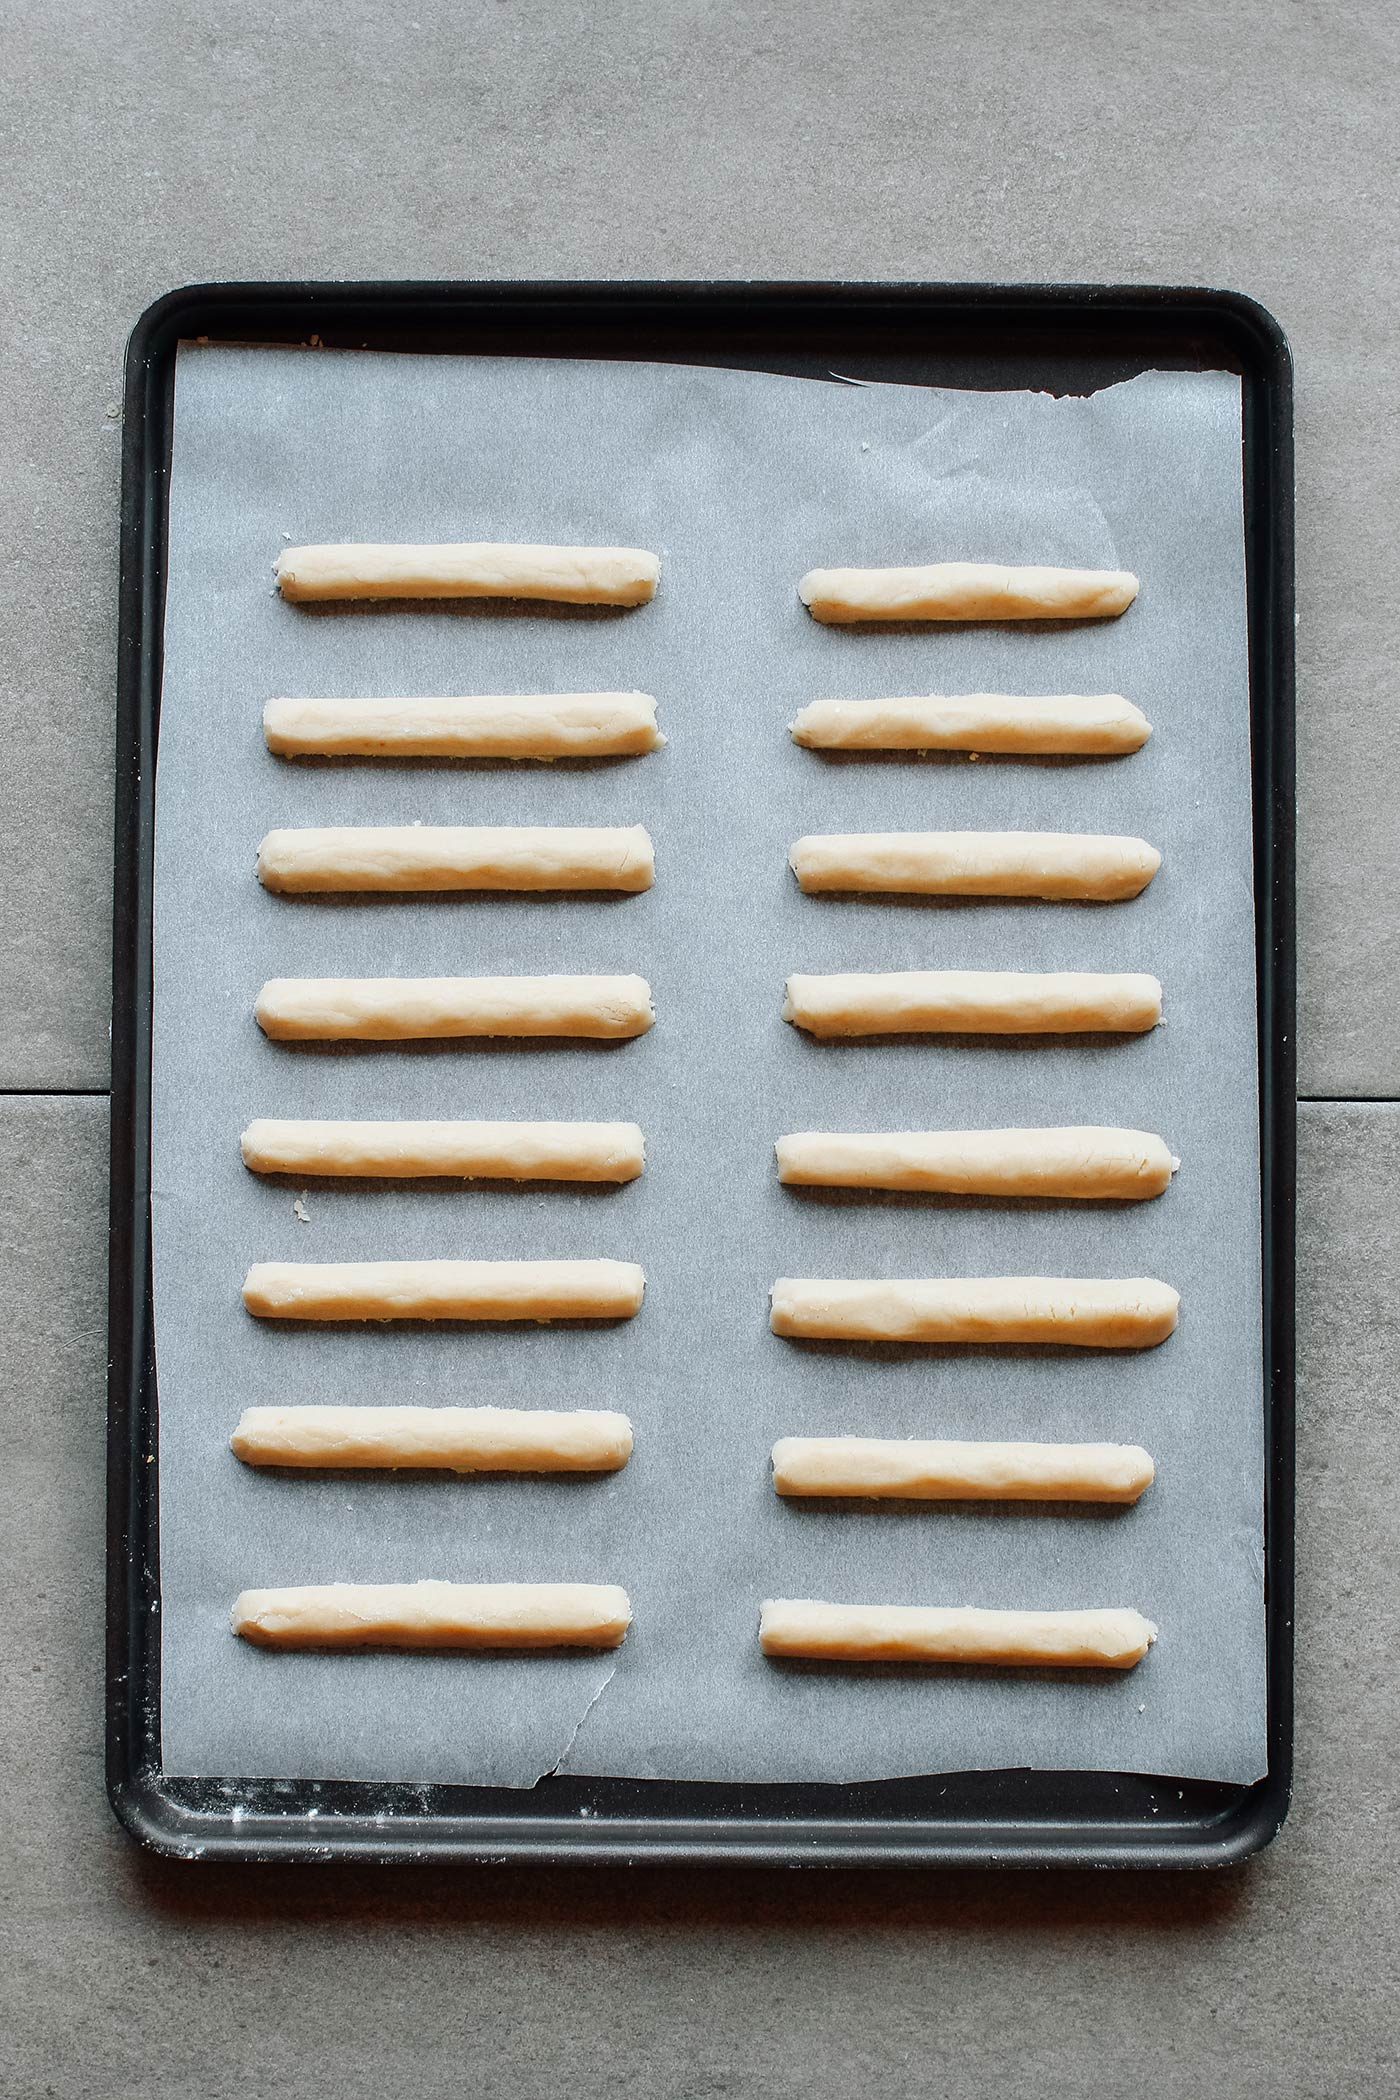 Crunchy Choco Sticks (Vegan + GF)